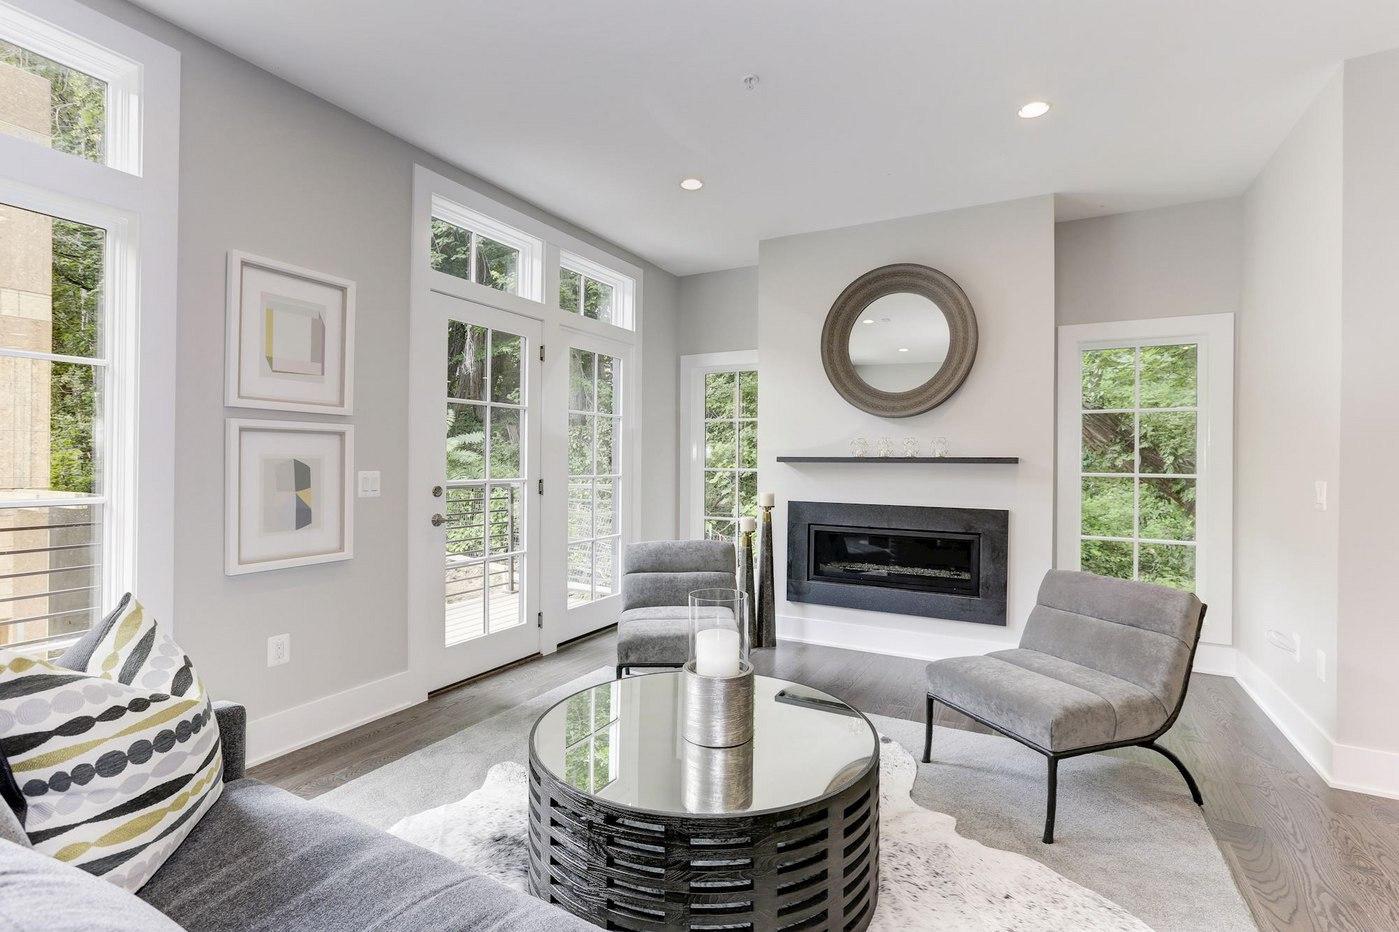 New Avalon Model Home Opening: June 2